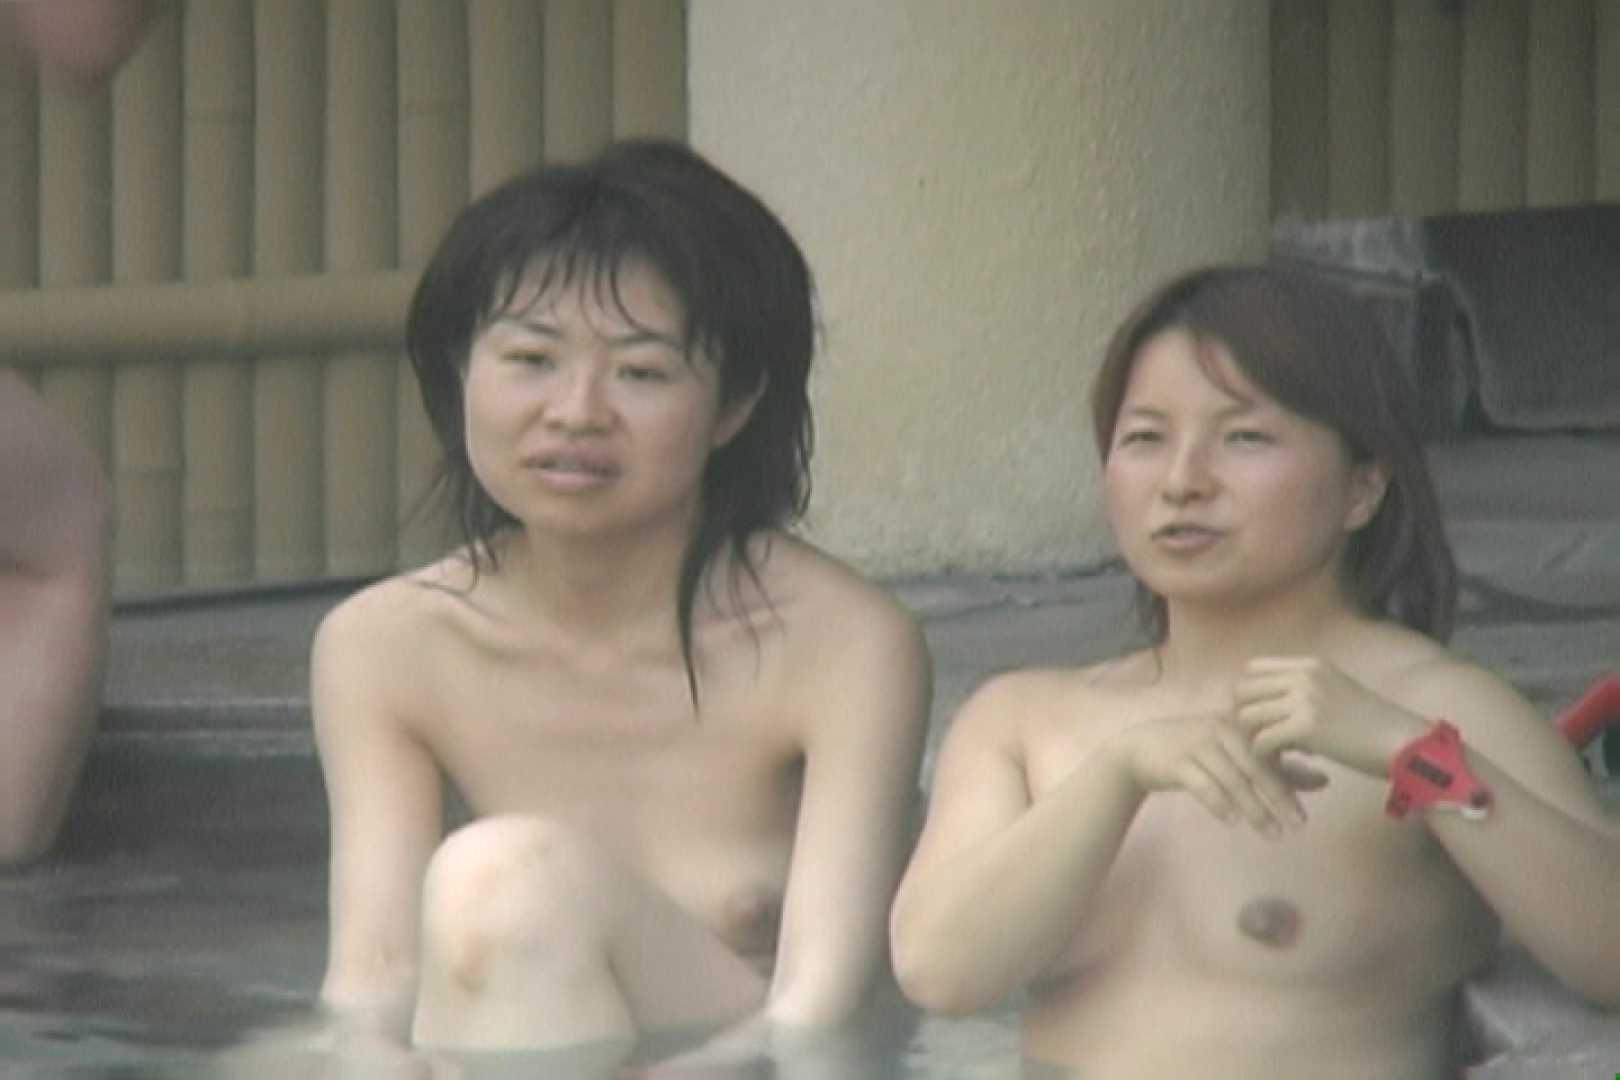 高画質露天女風呂観察 vol.012 女風呂 セックス画像 100画像 61